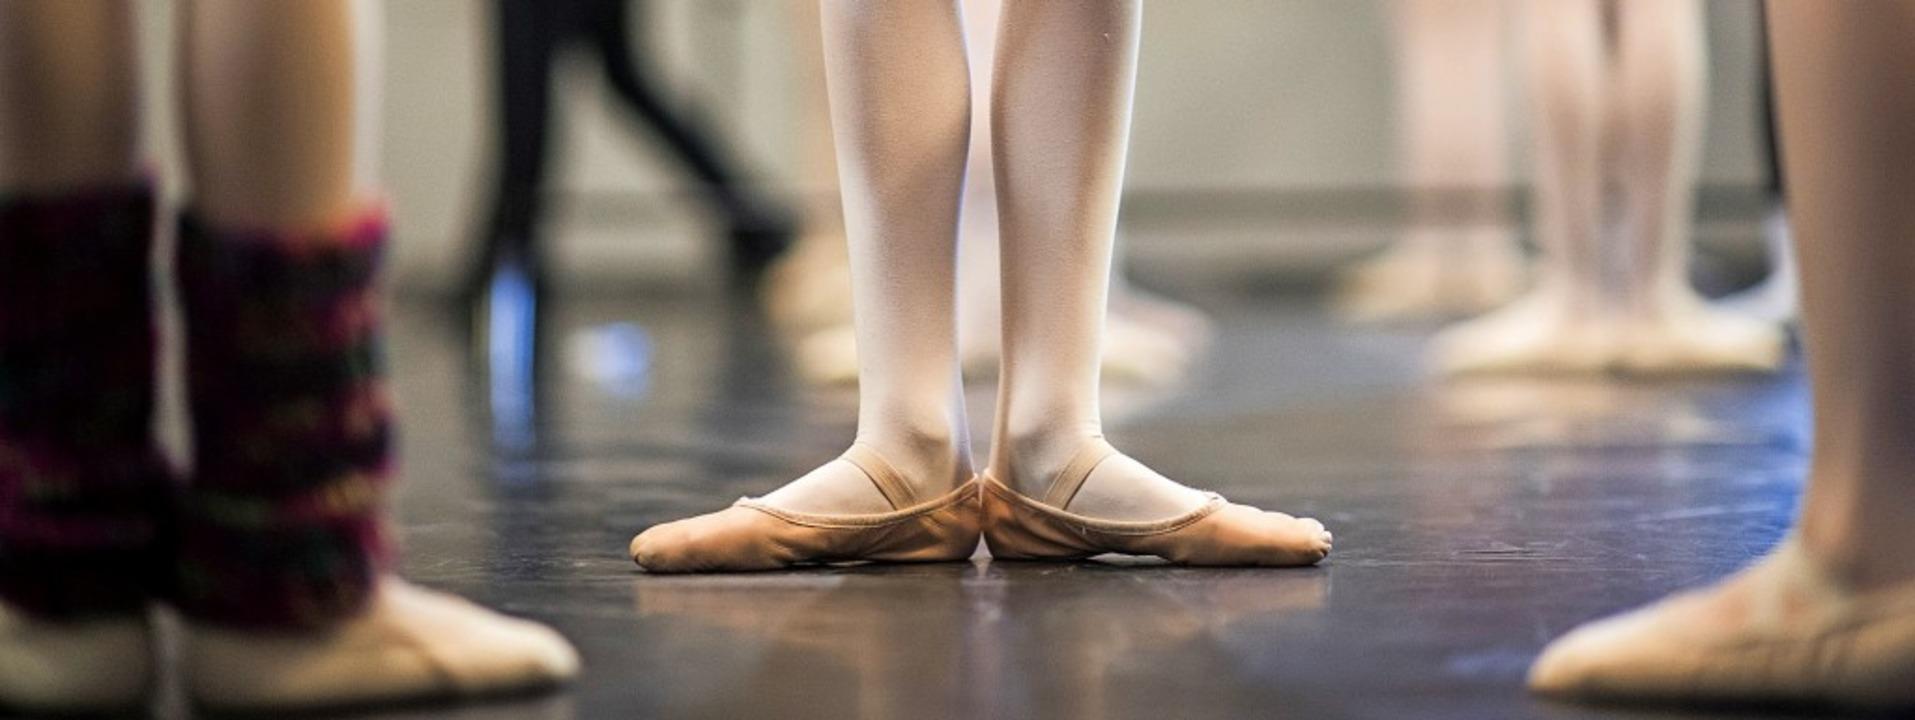 Auch Tanz gehört zum Musical dazu.     Foto: Alessandro Crinari